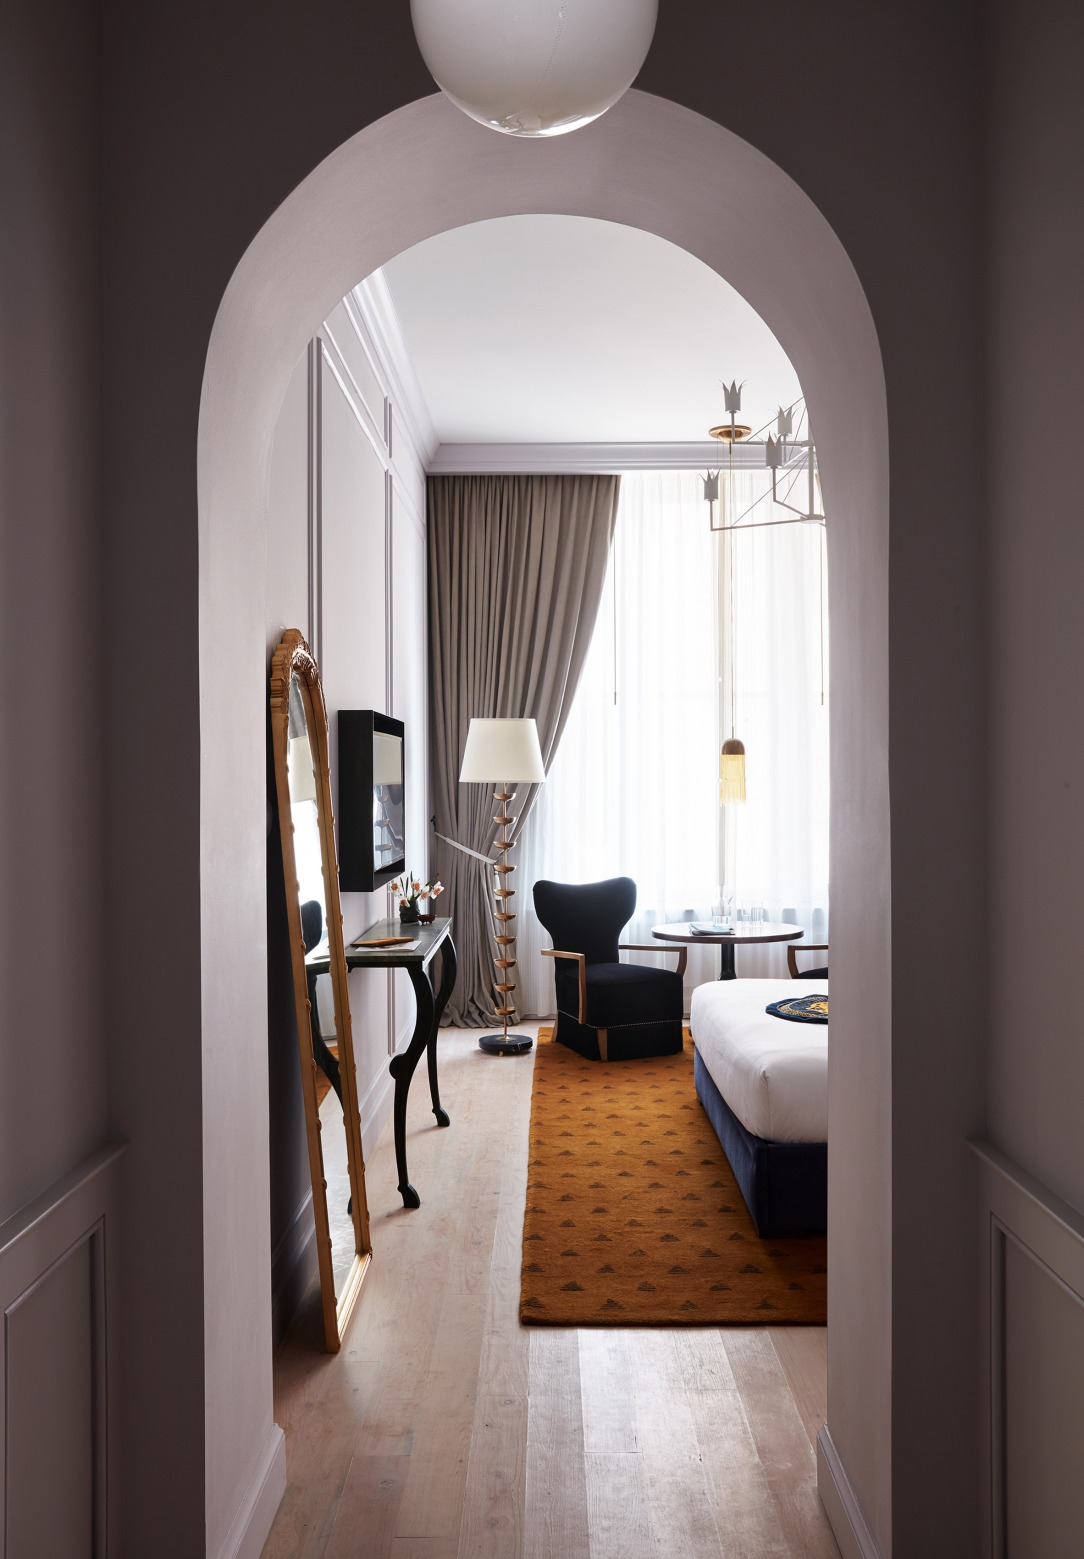 Современный дизайн интерьера отеля Maison de la Luz 6